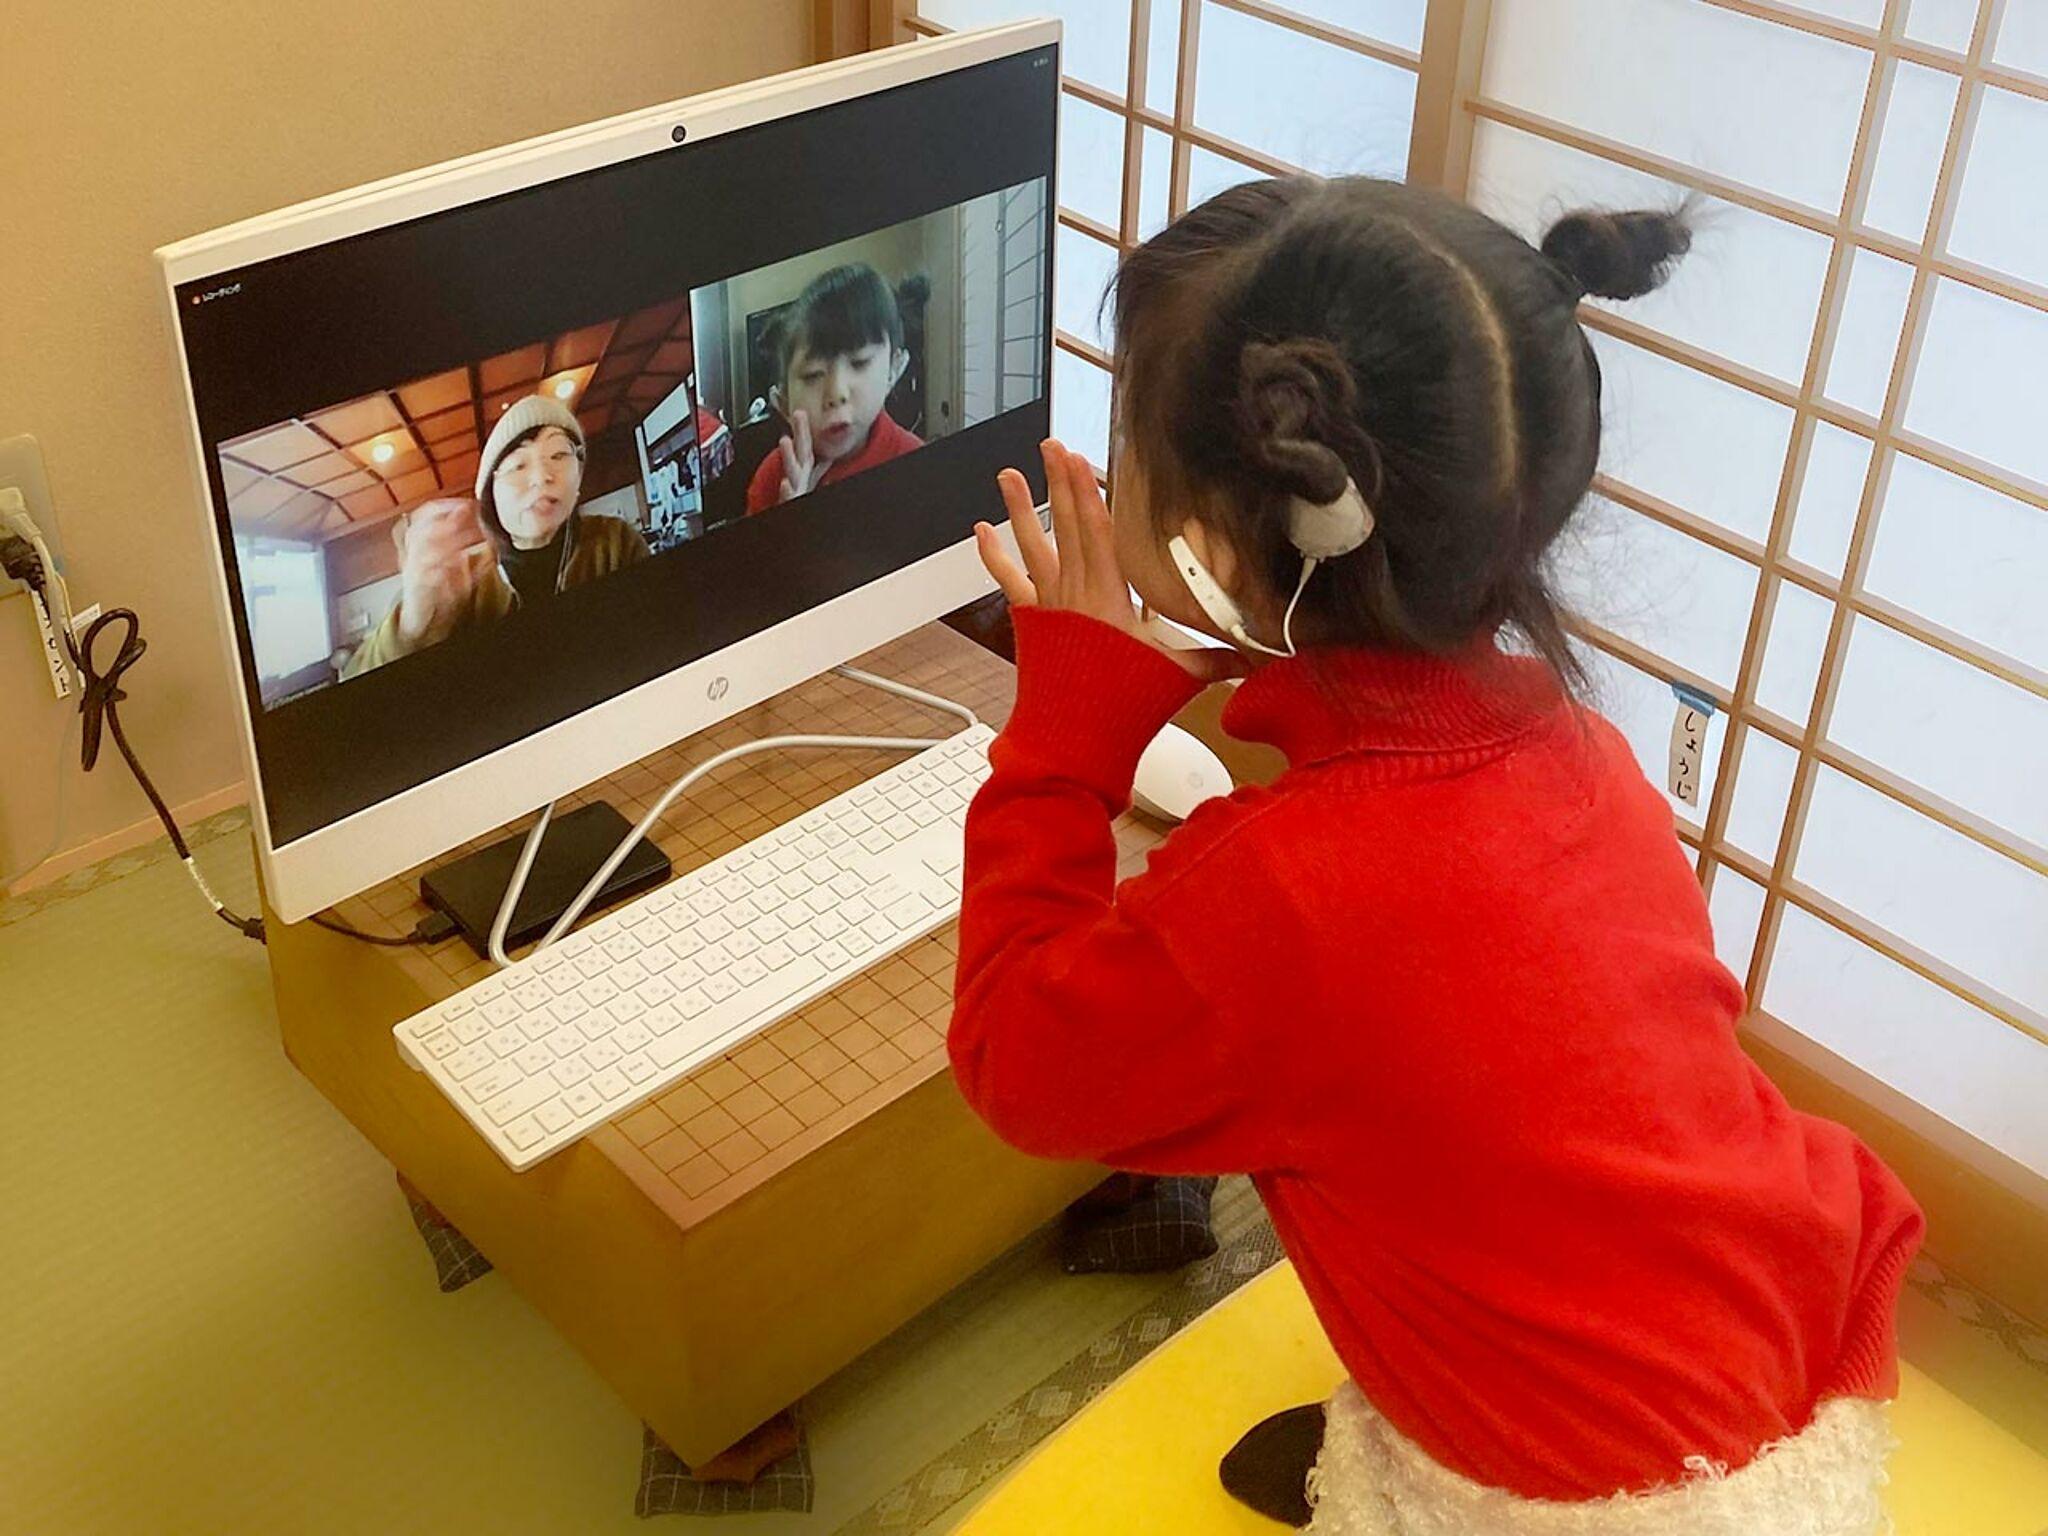 女の子がパソコンに向かって会話をしている画像